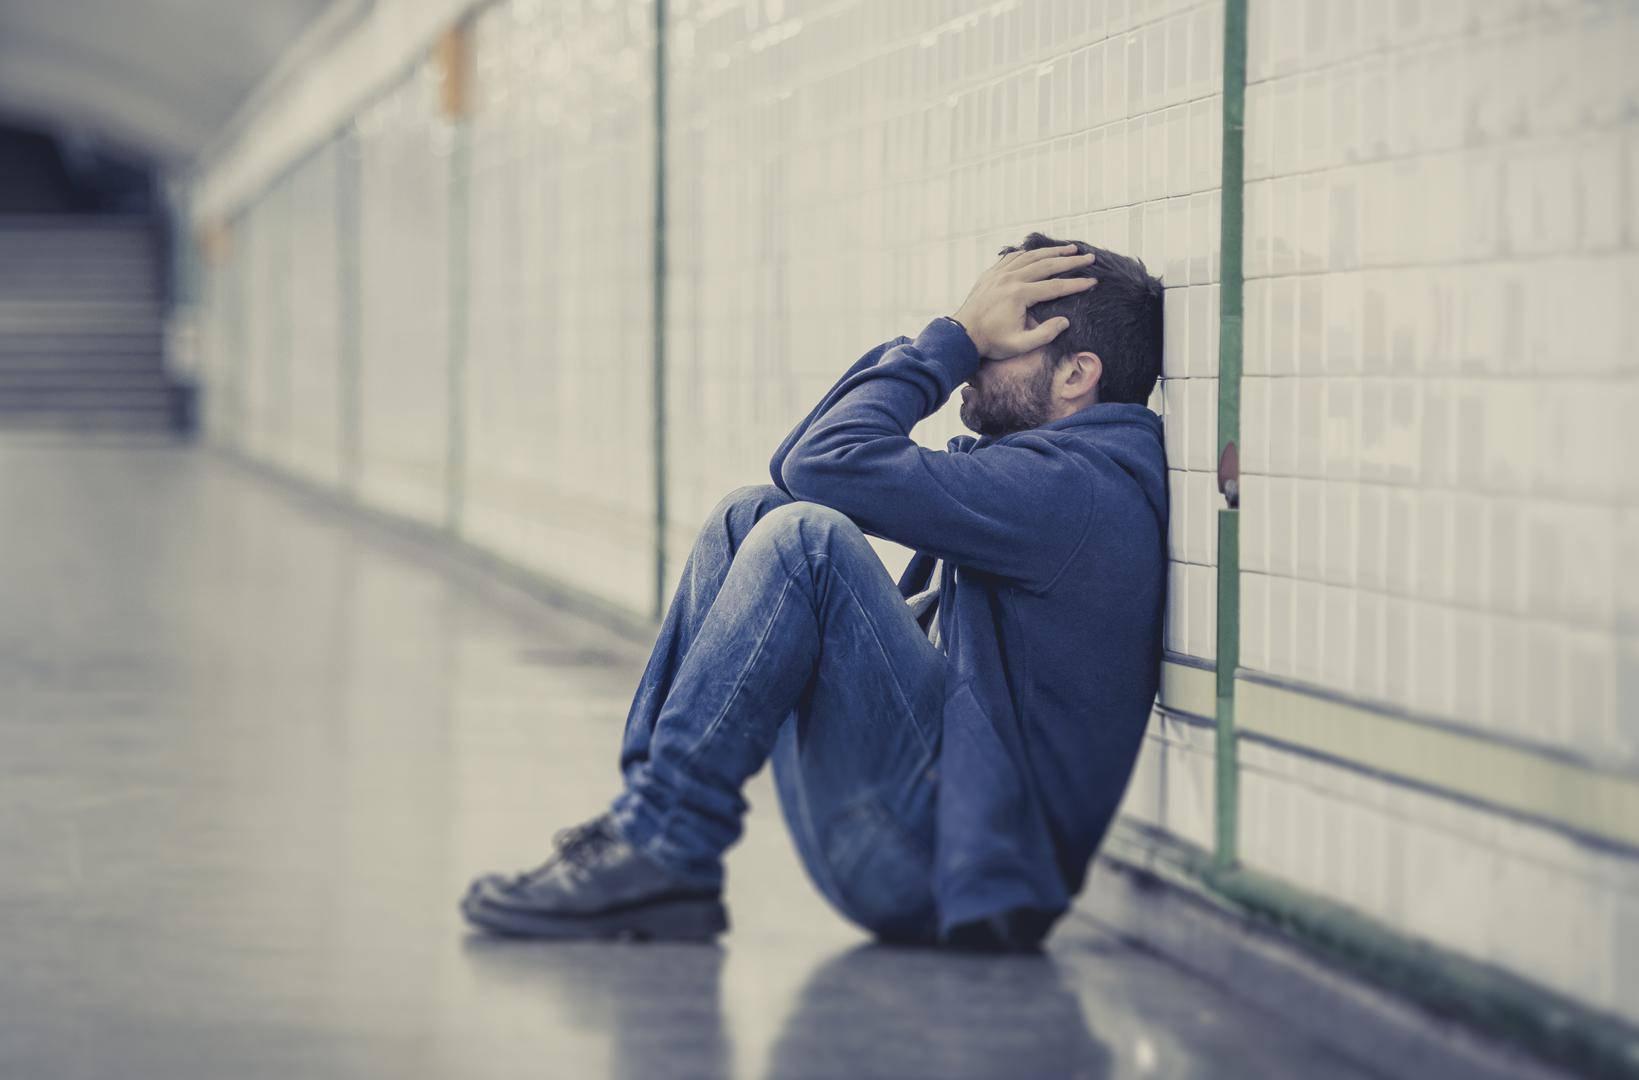 Teške mentalne bolesti mogu skratiti životni vijek čovjeka